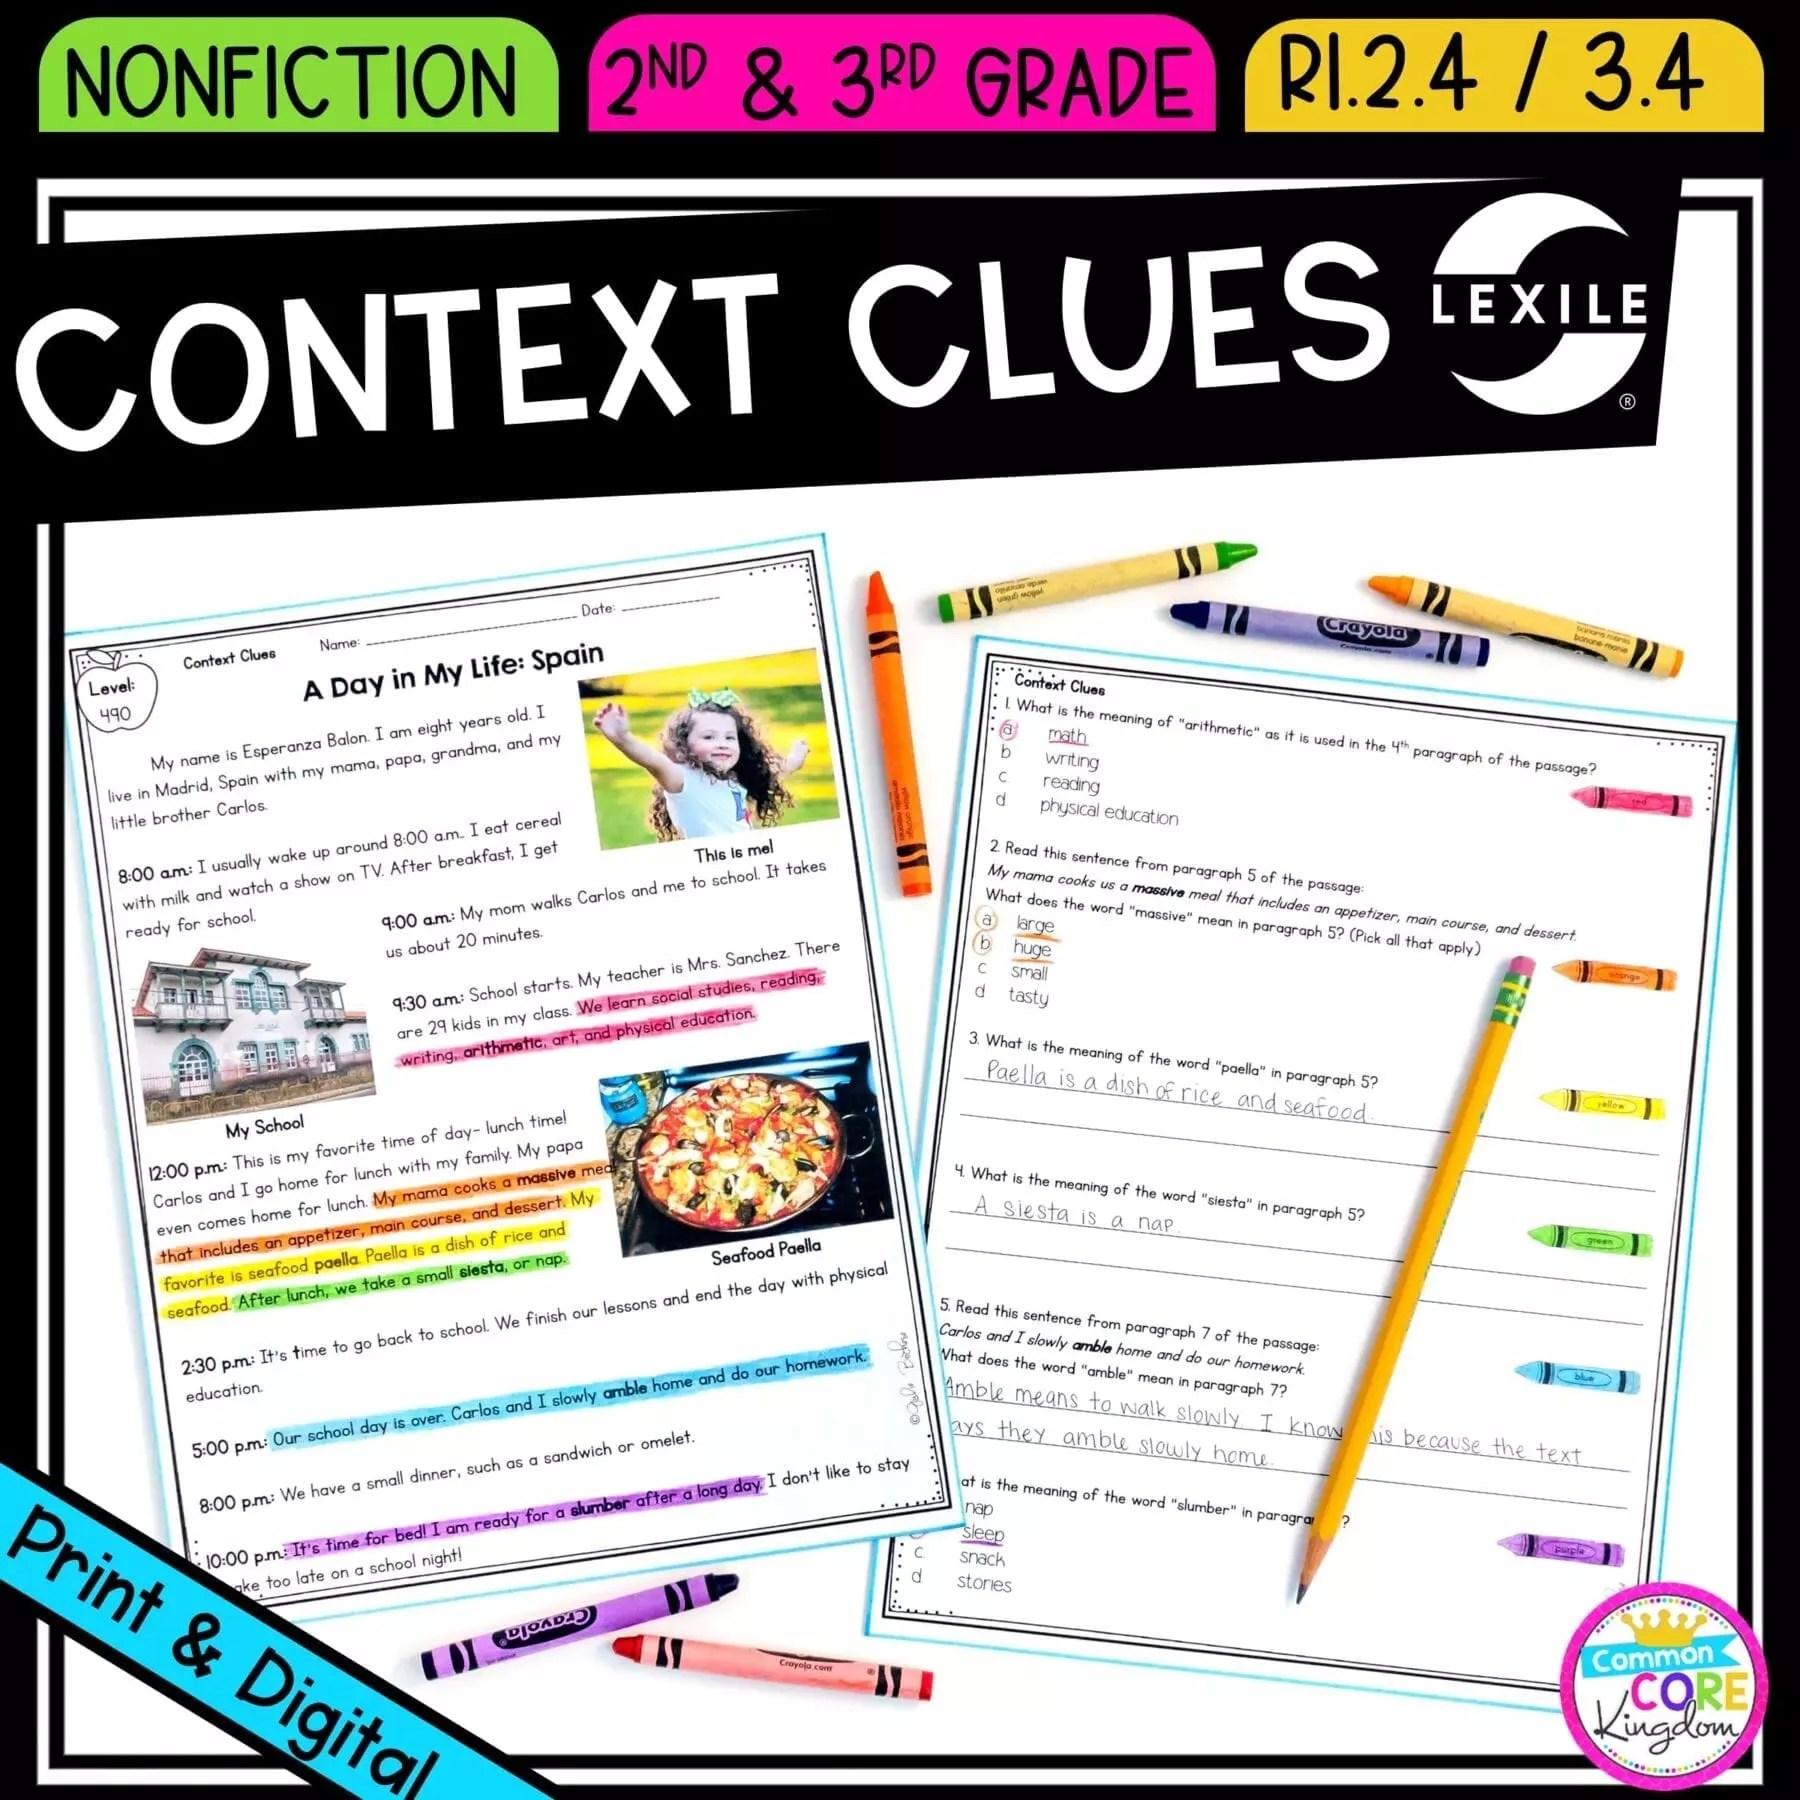 hight resolution of Context Clues in Nonfiction RI.2.4 RI.3.4  Common Core Kingdom